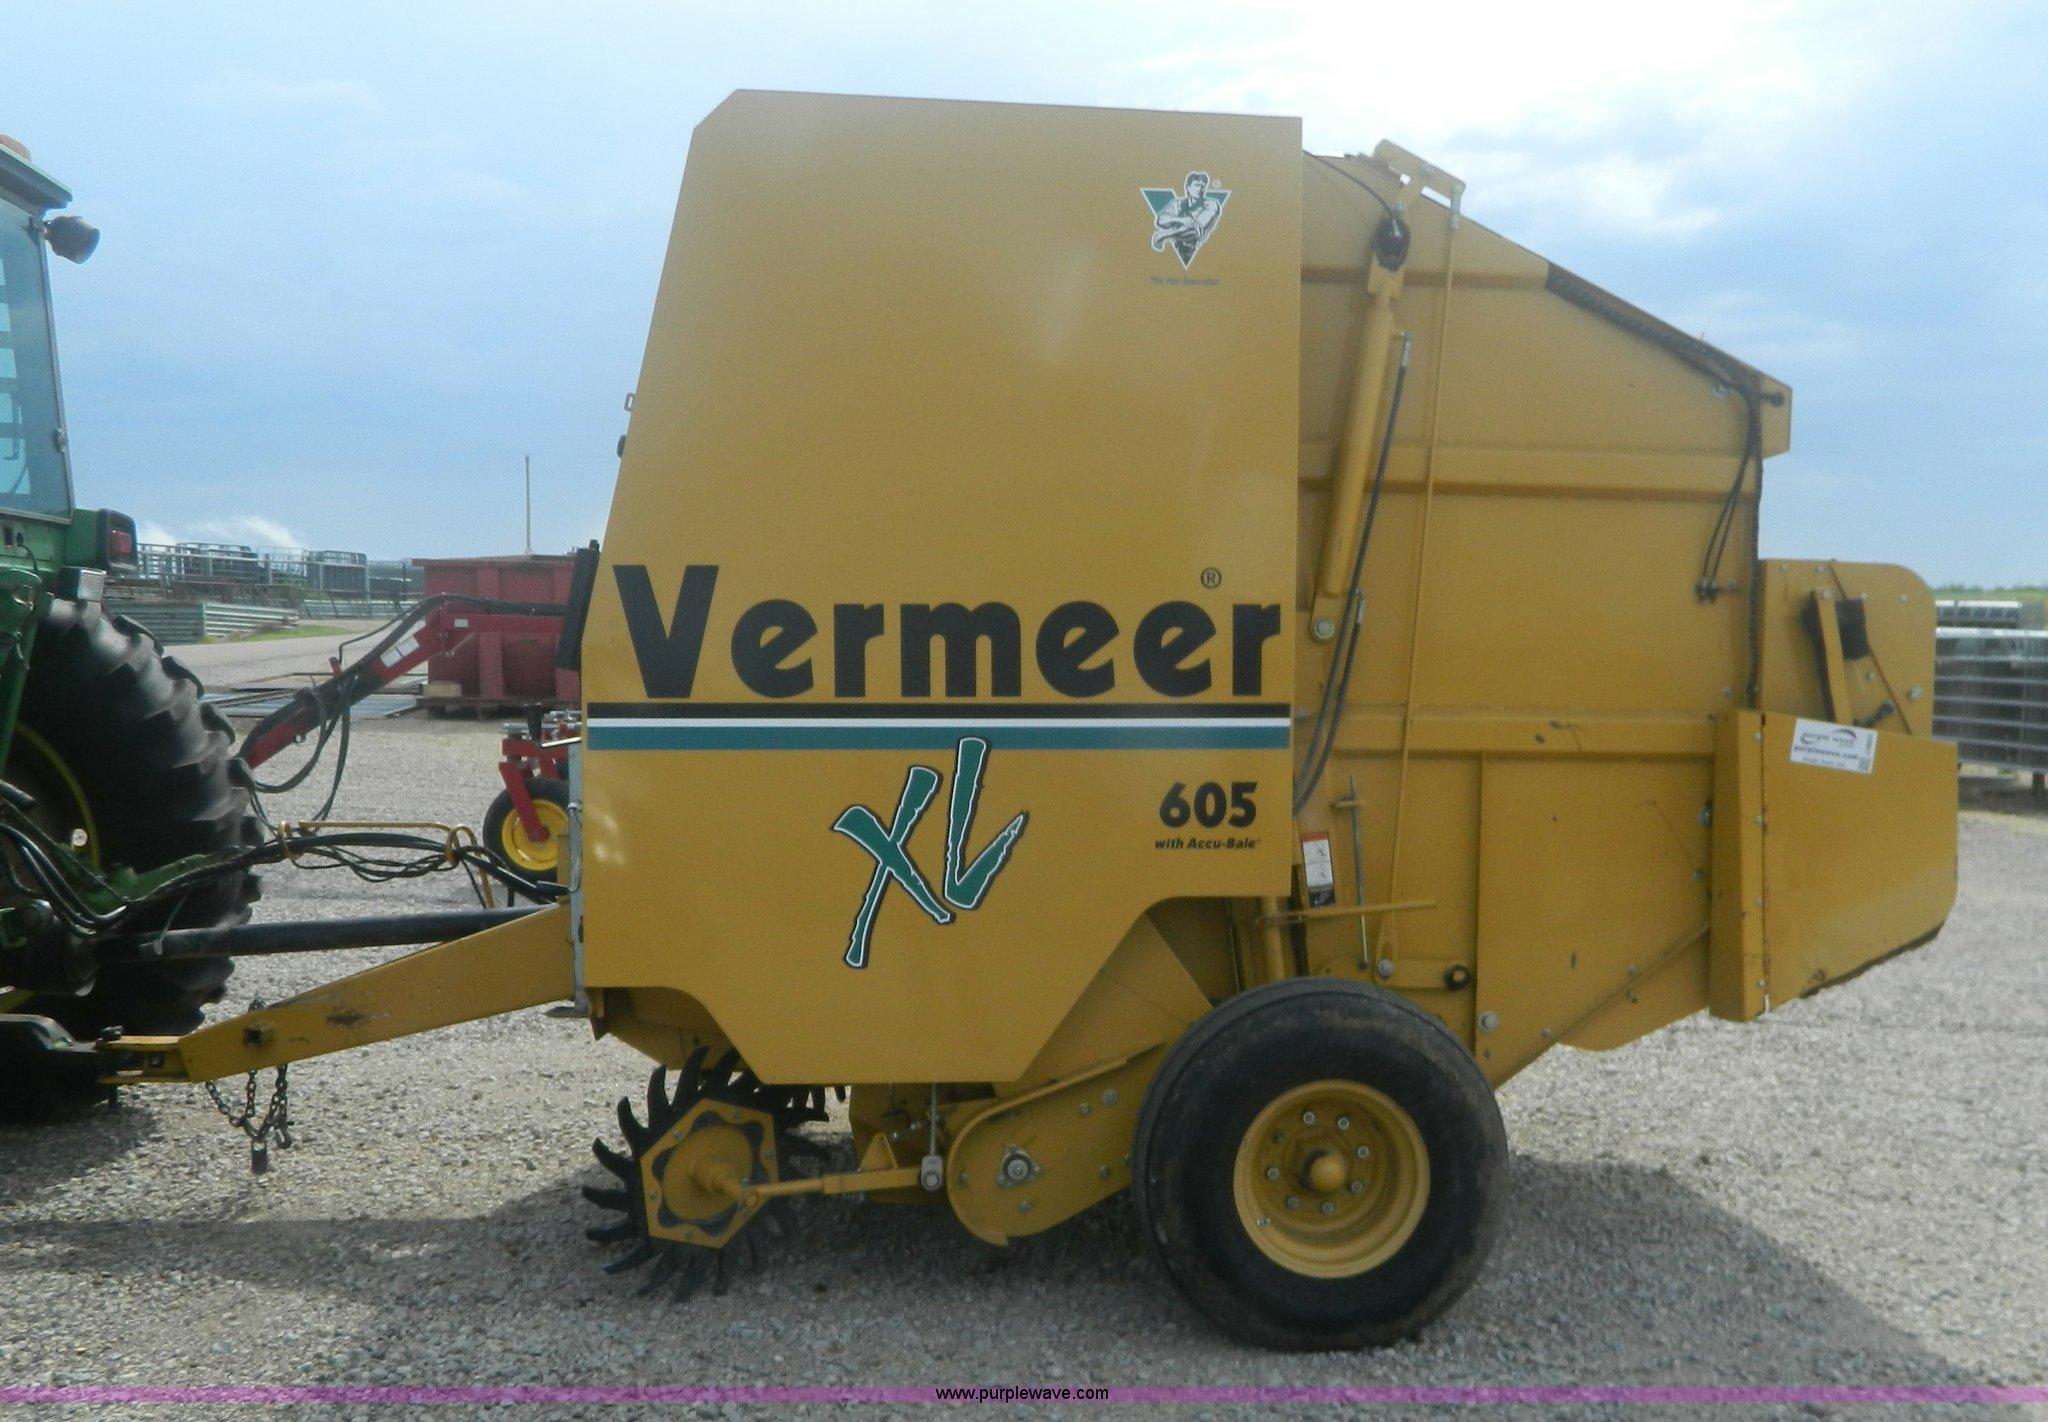 2001 Vermeer 605XL round baler | Item J8823 | SOLD! August 2